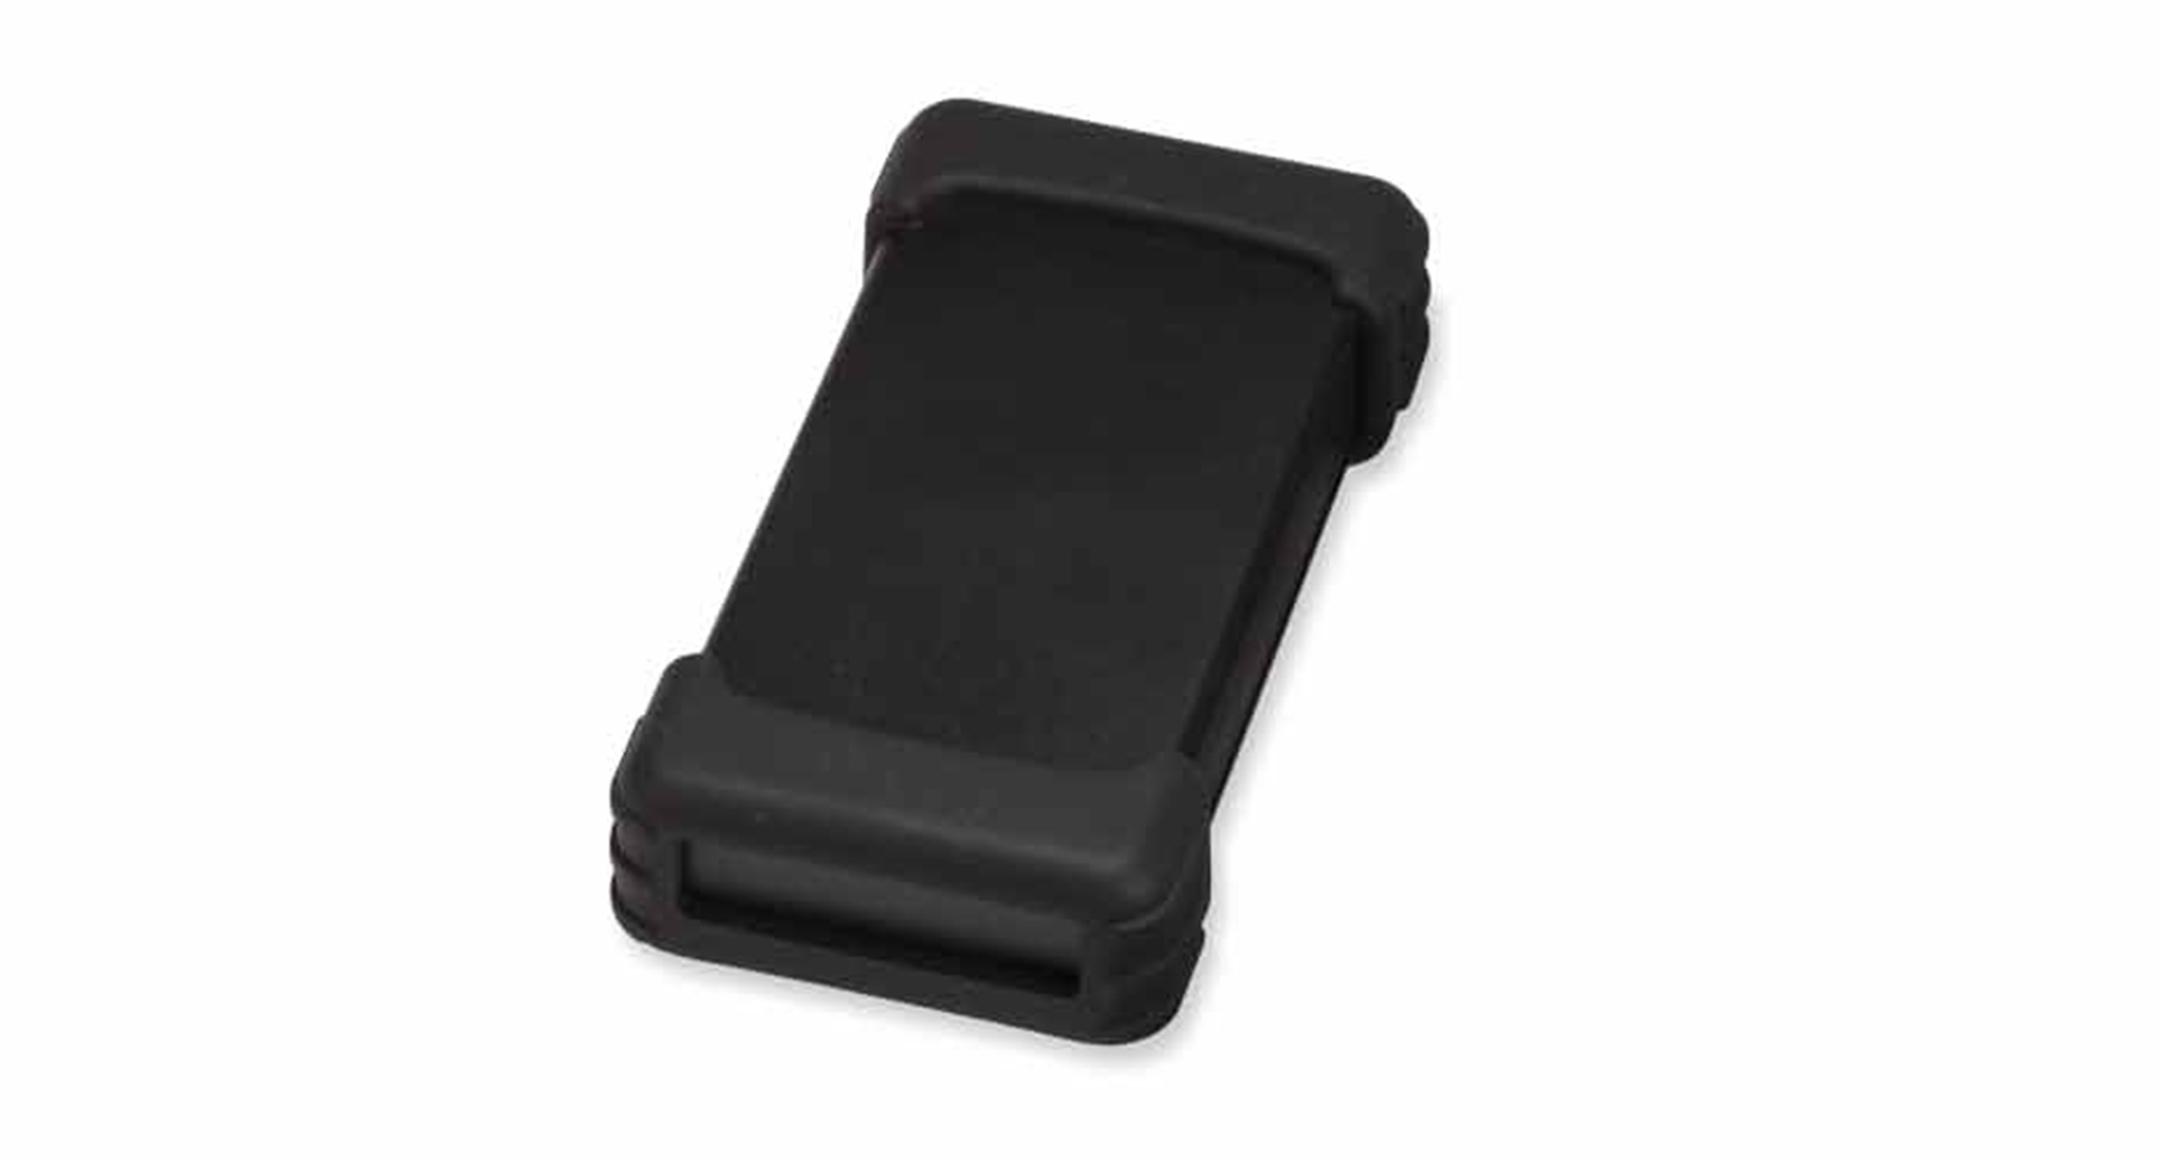 シリコンプロテクター付プラスチックケース TWSシリーズ:ブラック/ブラックの画像